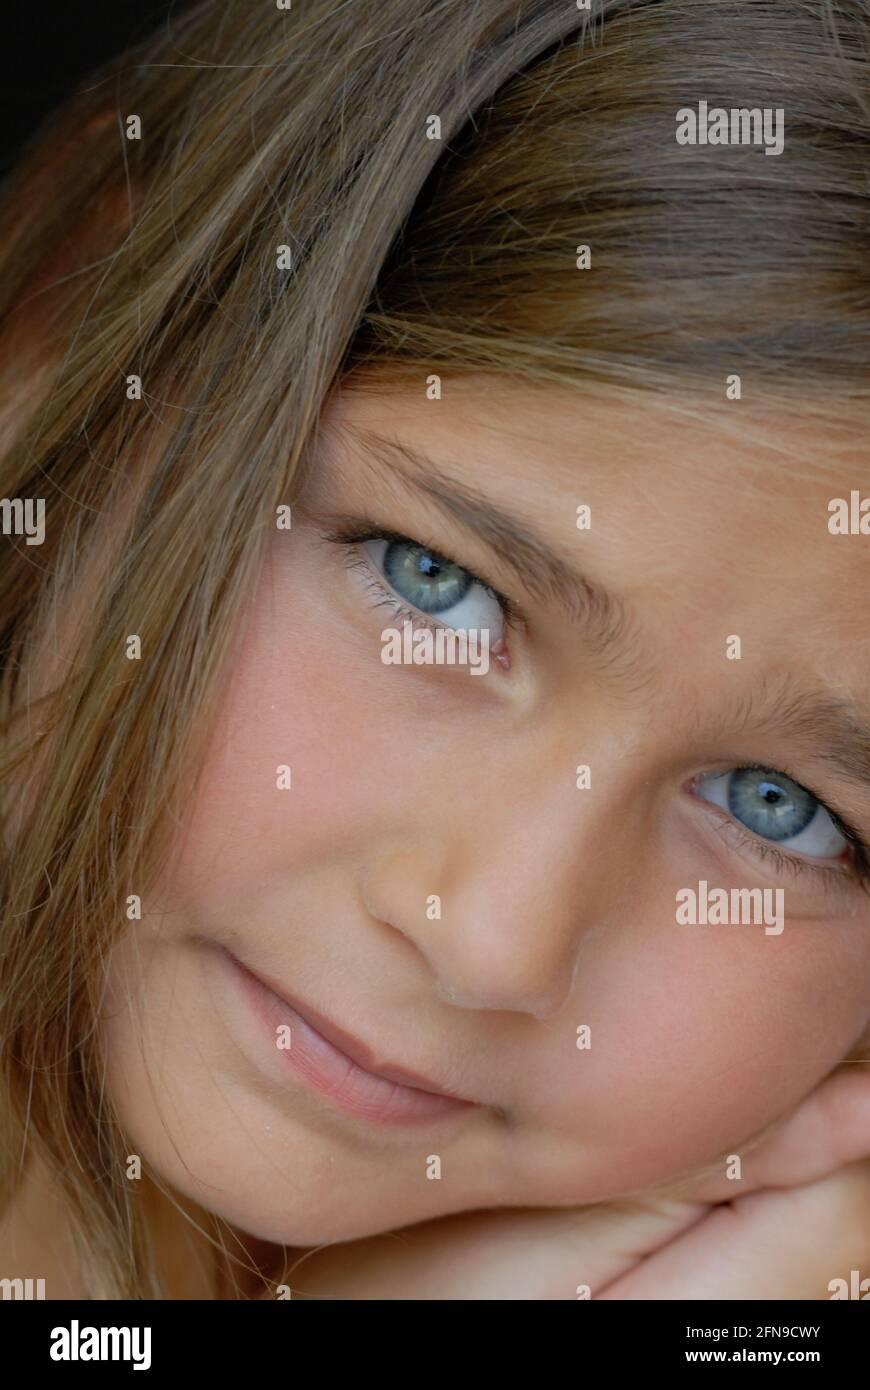 Augen blonde mädchen blaue braun haare blaue augen